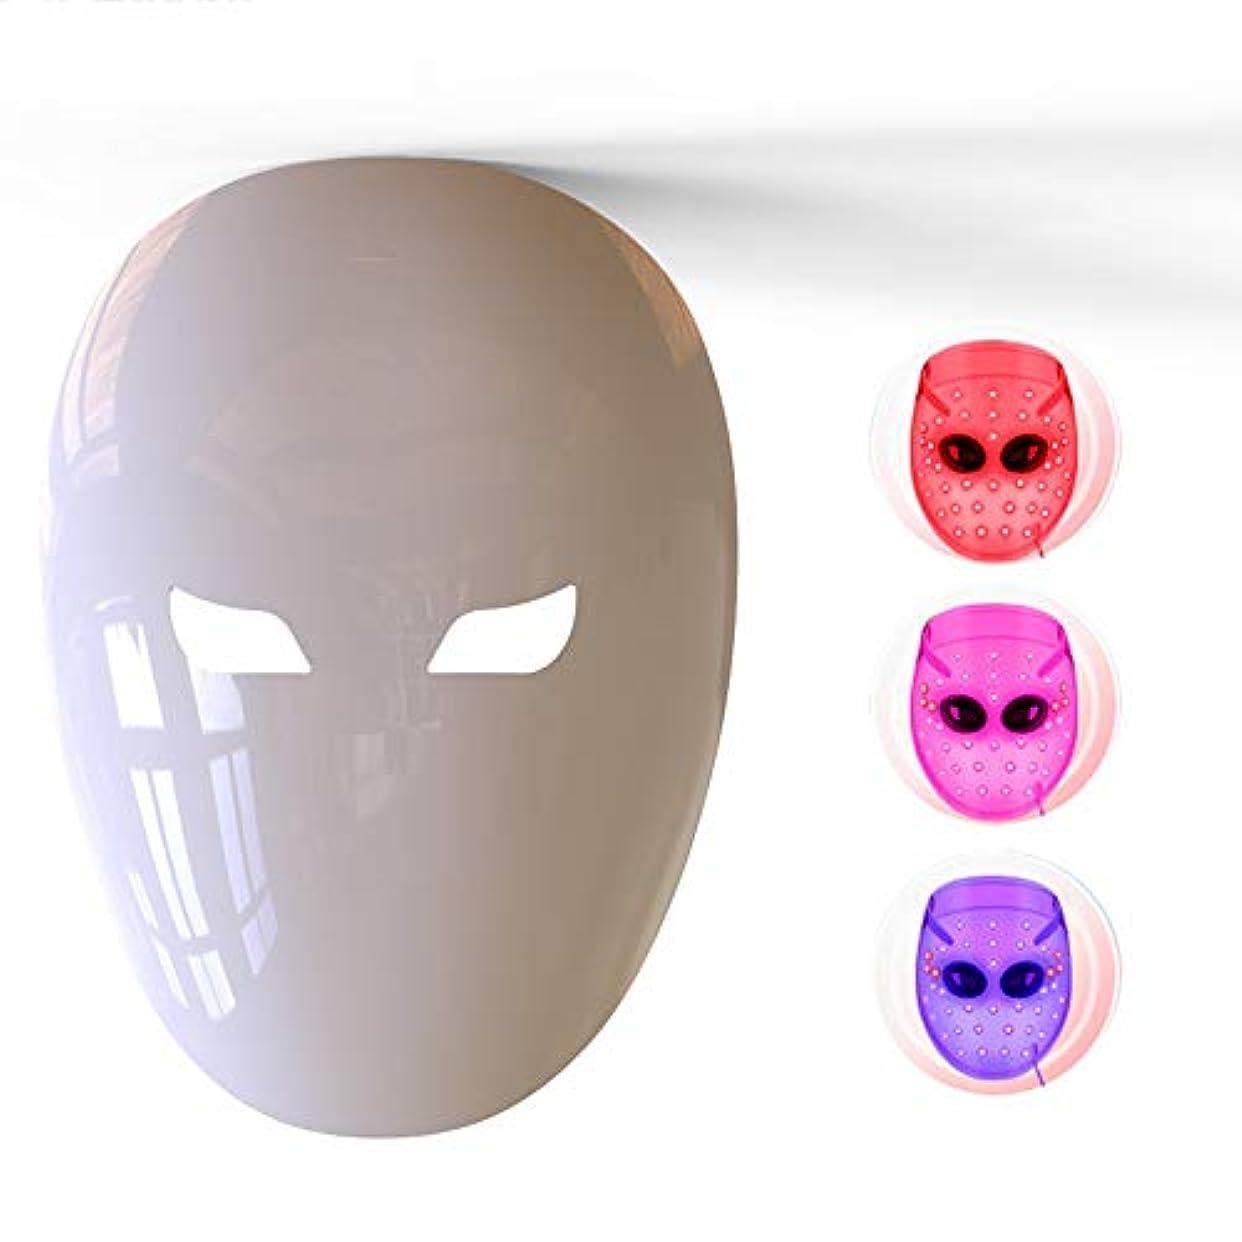 フェイスマスク、4色LEDの若返り、健康な肌の若返りのためのにきび、アンチエイジング、しわ、瘢痕化、肌の引き締め